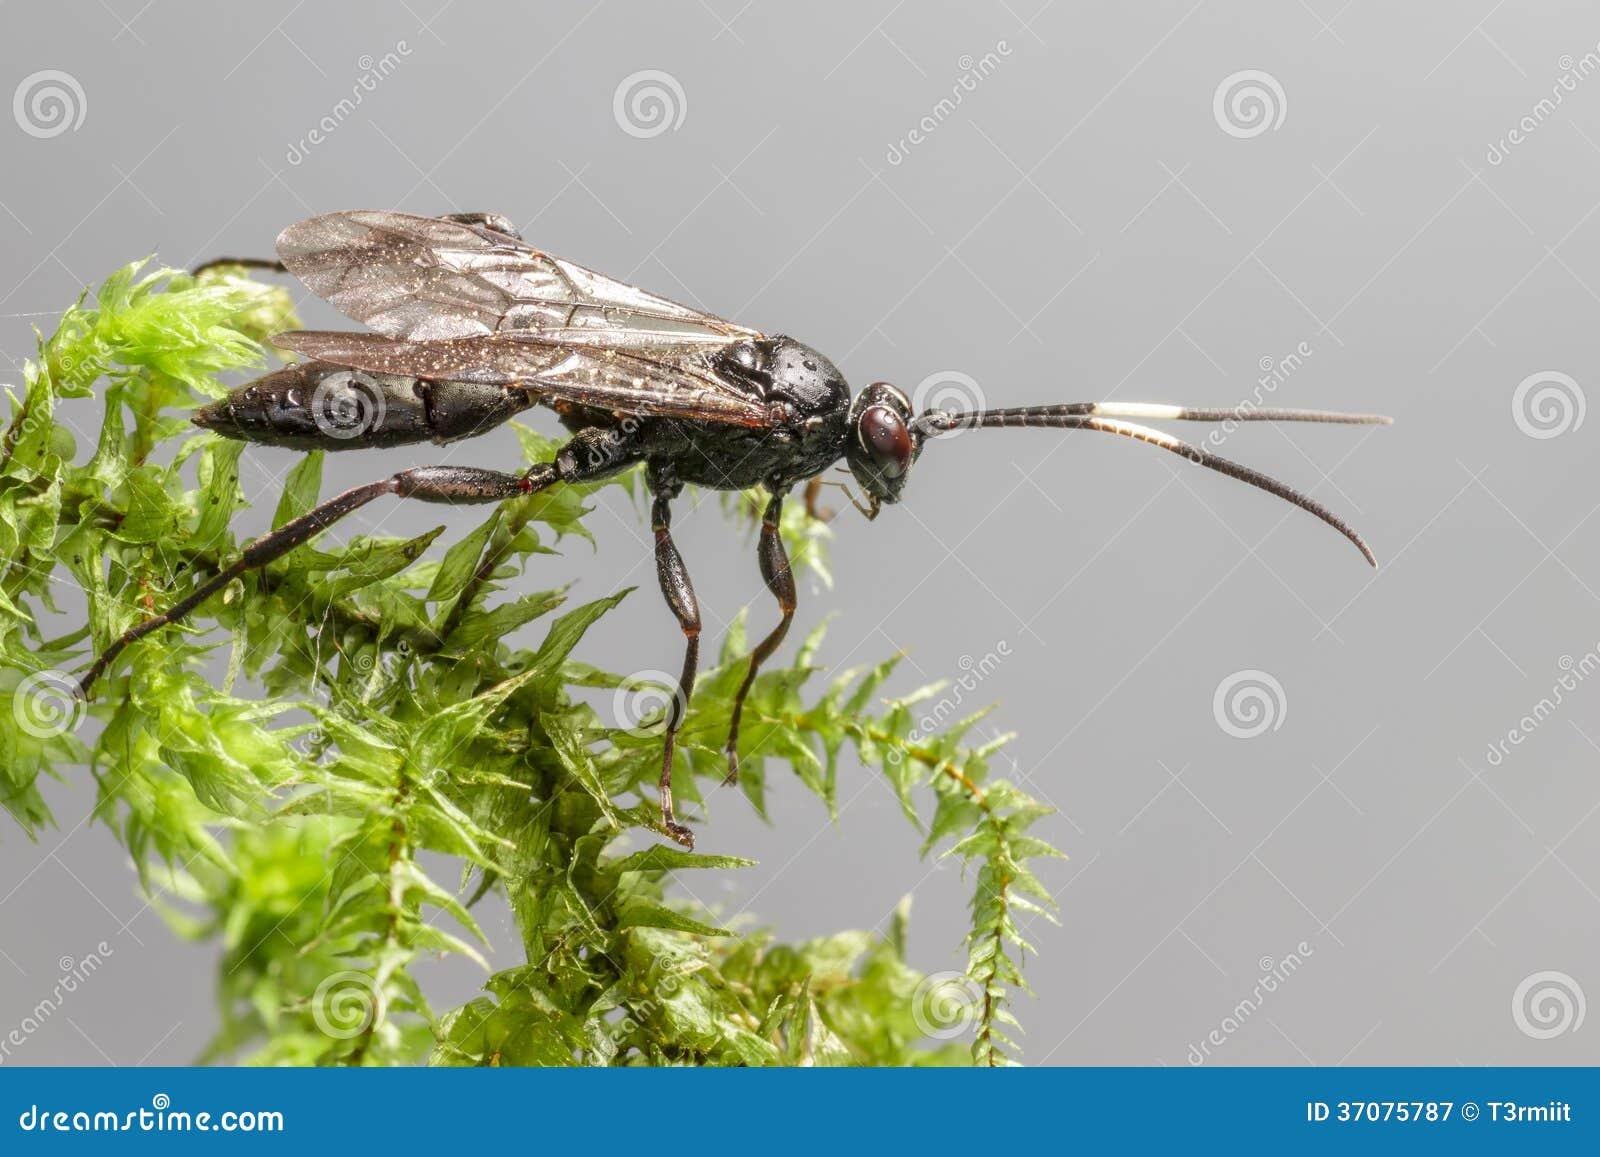 Download Gąsienicznik Osa (Coelichneumon Altówka) Obraz Stock - Obraz złożonej z tło, bada: 37075787